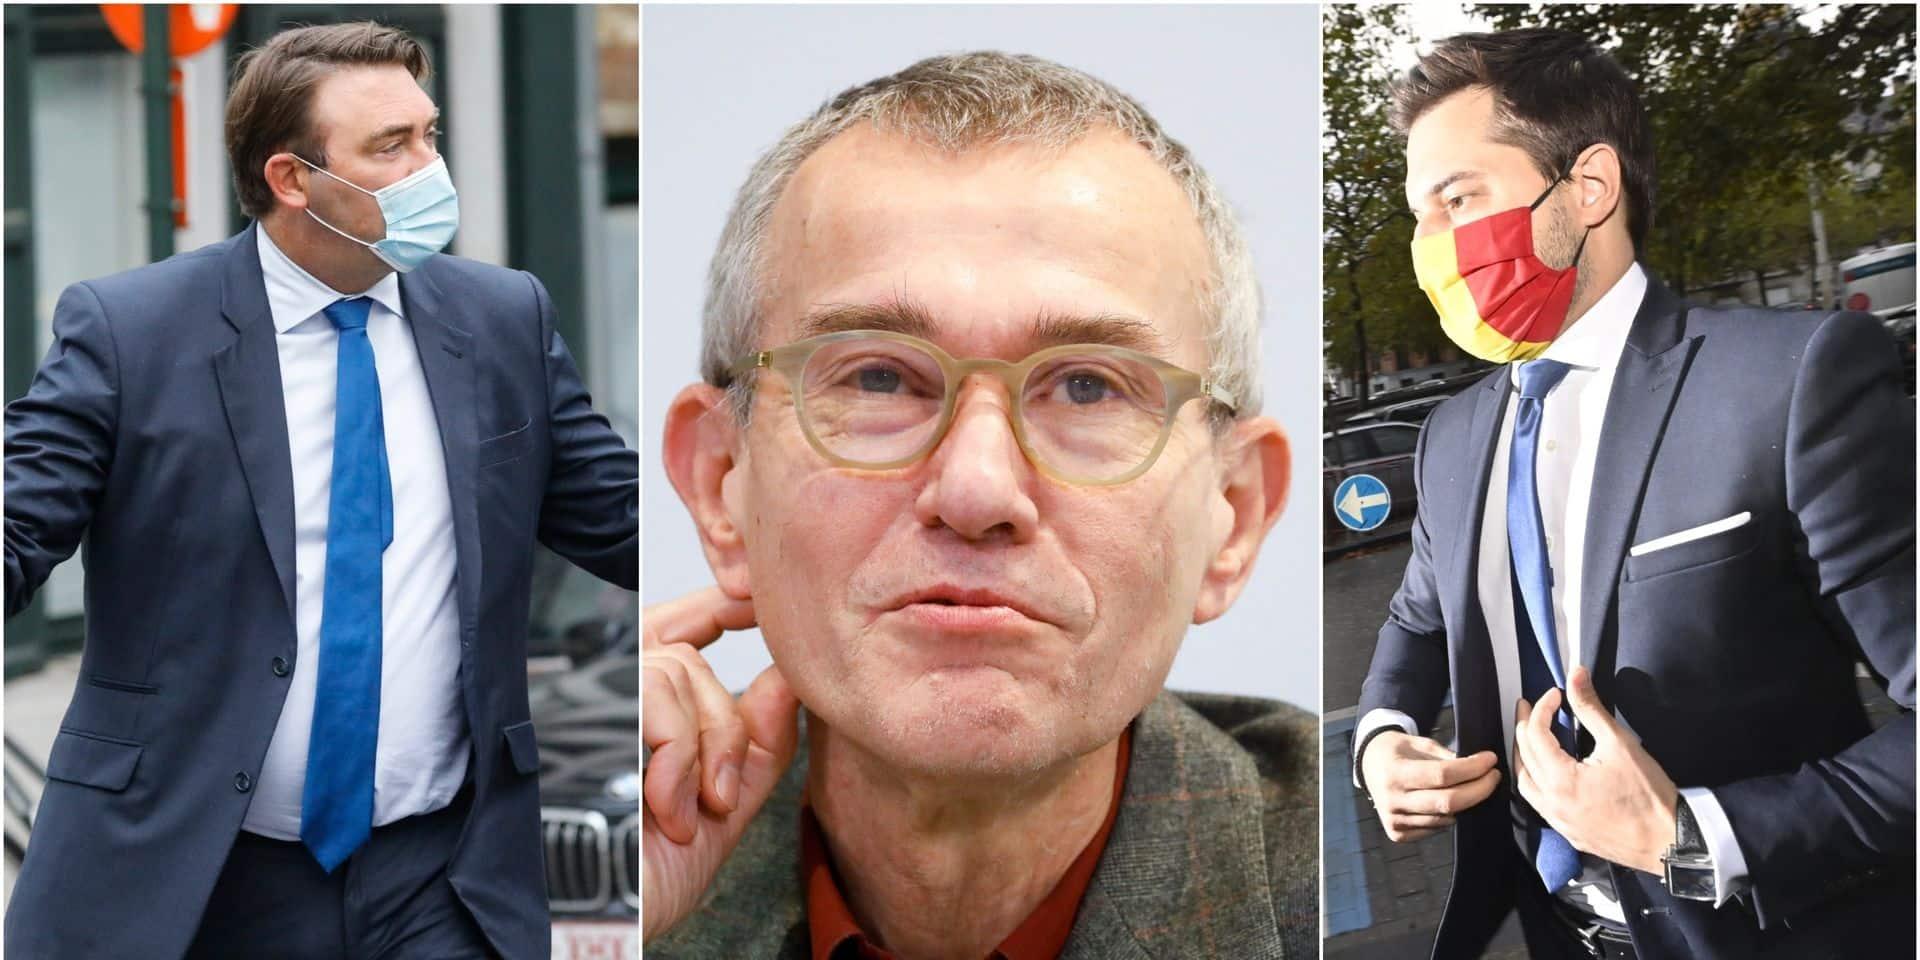 """""""Pas acceptable"""" pour Bouchez, """"il va devoir rendre des comptes"""" pour Ducarme : au MR, la sortie du ministre de la Santé Frank Vandenbroucke irrite"""